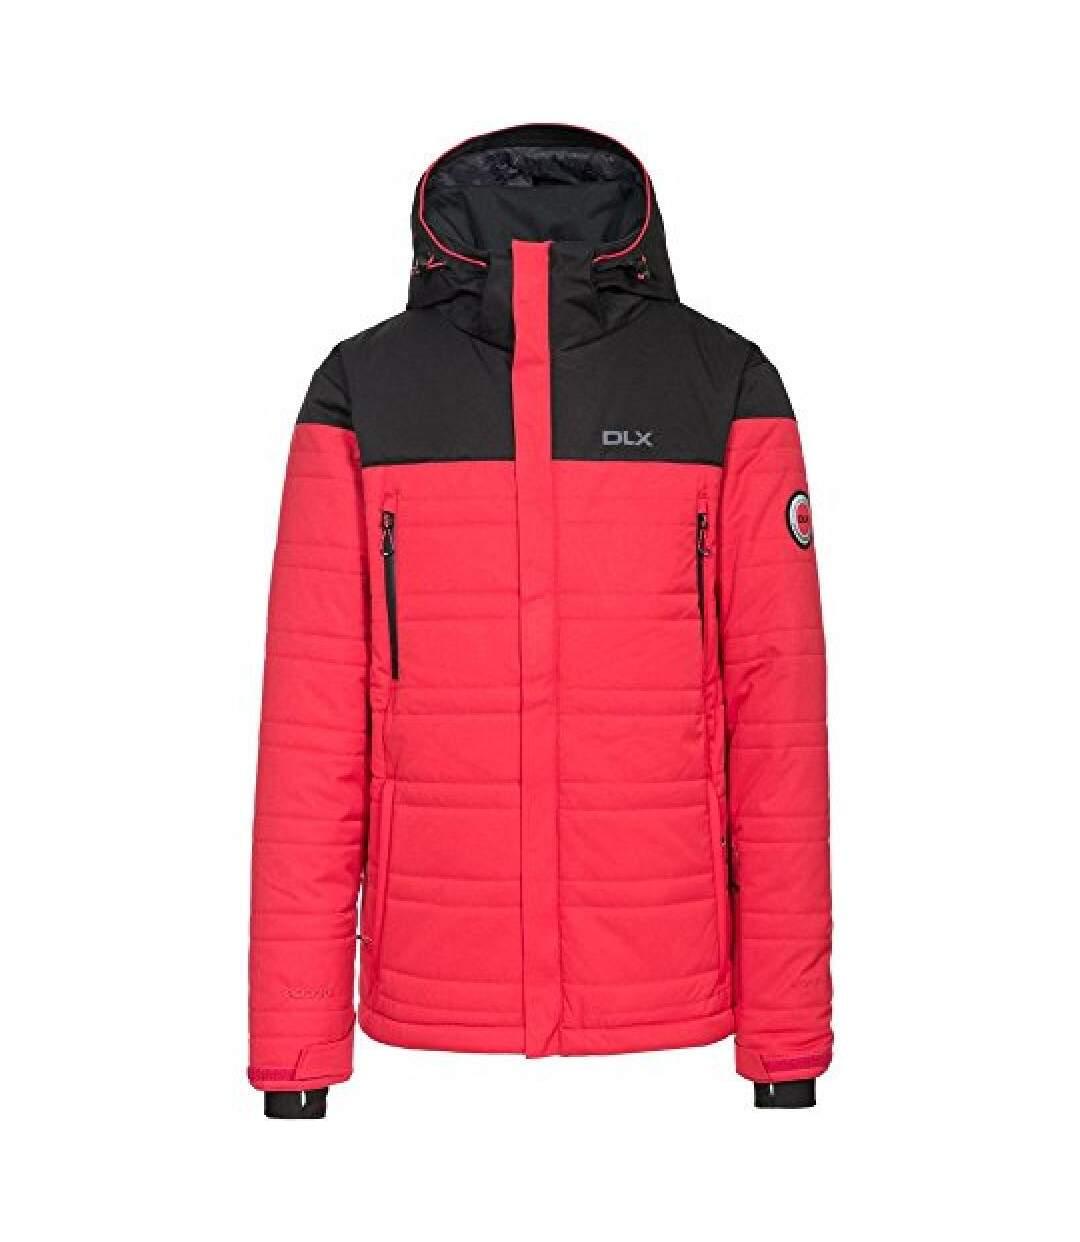 Trespass Mens Hayes Waterproof Ski Jacket (Red) - UTTP4350